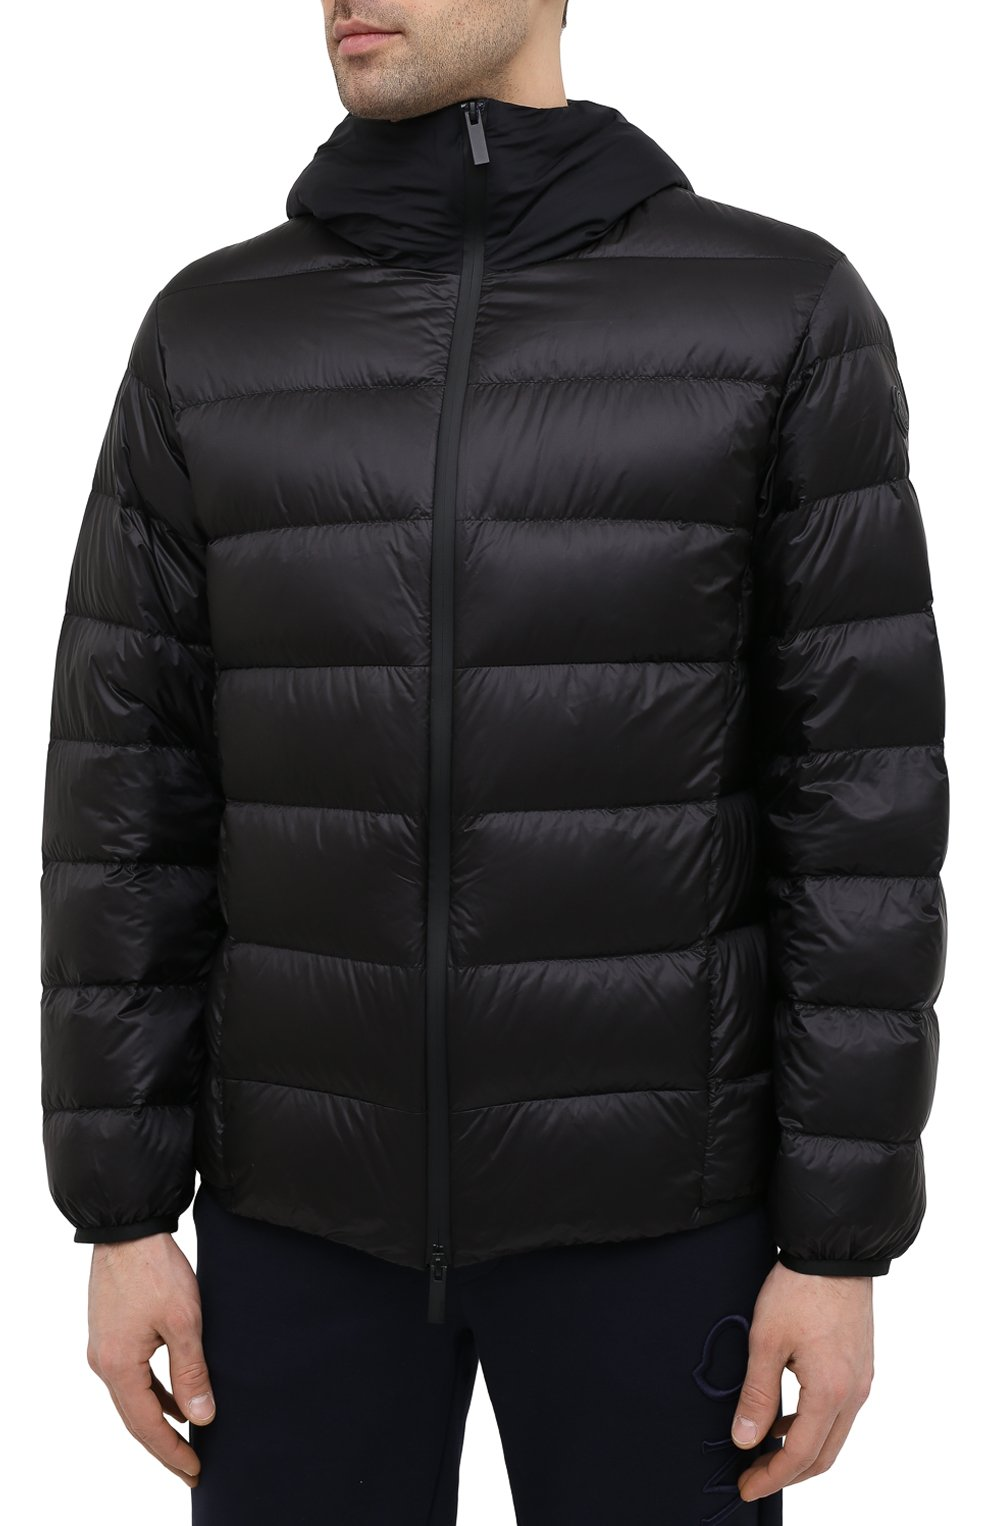 Мужская пуховая куртка provins MONCLER черного цвета, арт. G1-091-1A123-00-53279 | Фото 3 (Кросс-КТ: Куртка; Мужское Кросс-КТ: пуховик-короткий; Рукава: Длинные; Материал внешний: Синтетический материал; Материал подклада: Синтетический материал; Длина (верхняя одежда): Короткие; Материал утеплителя: Пух и перо; Стили: Кэжуэл)